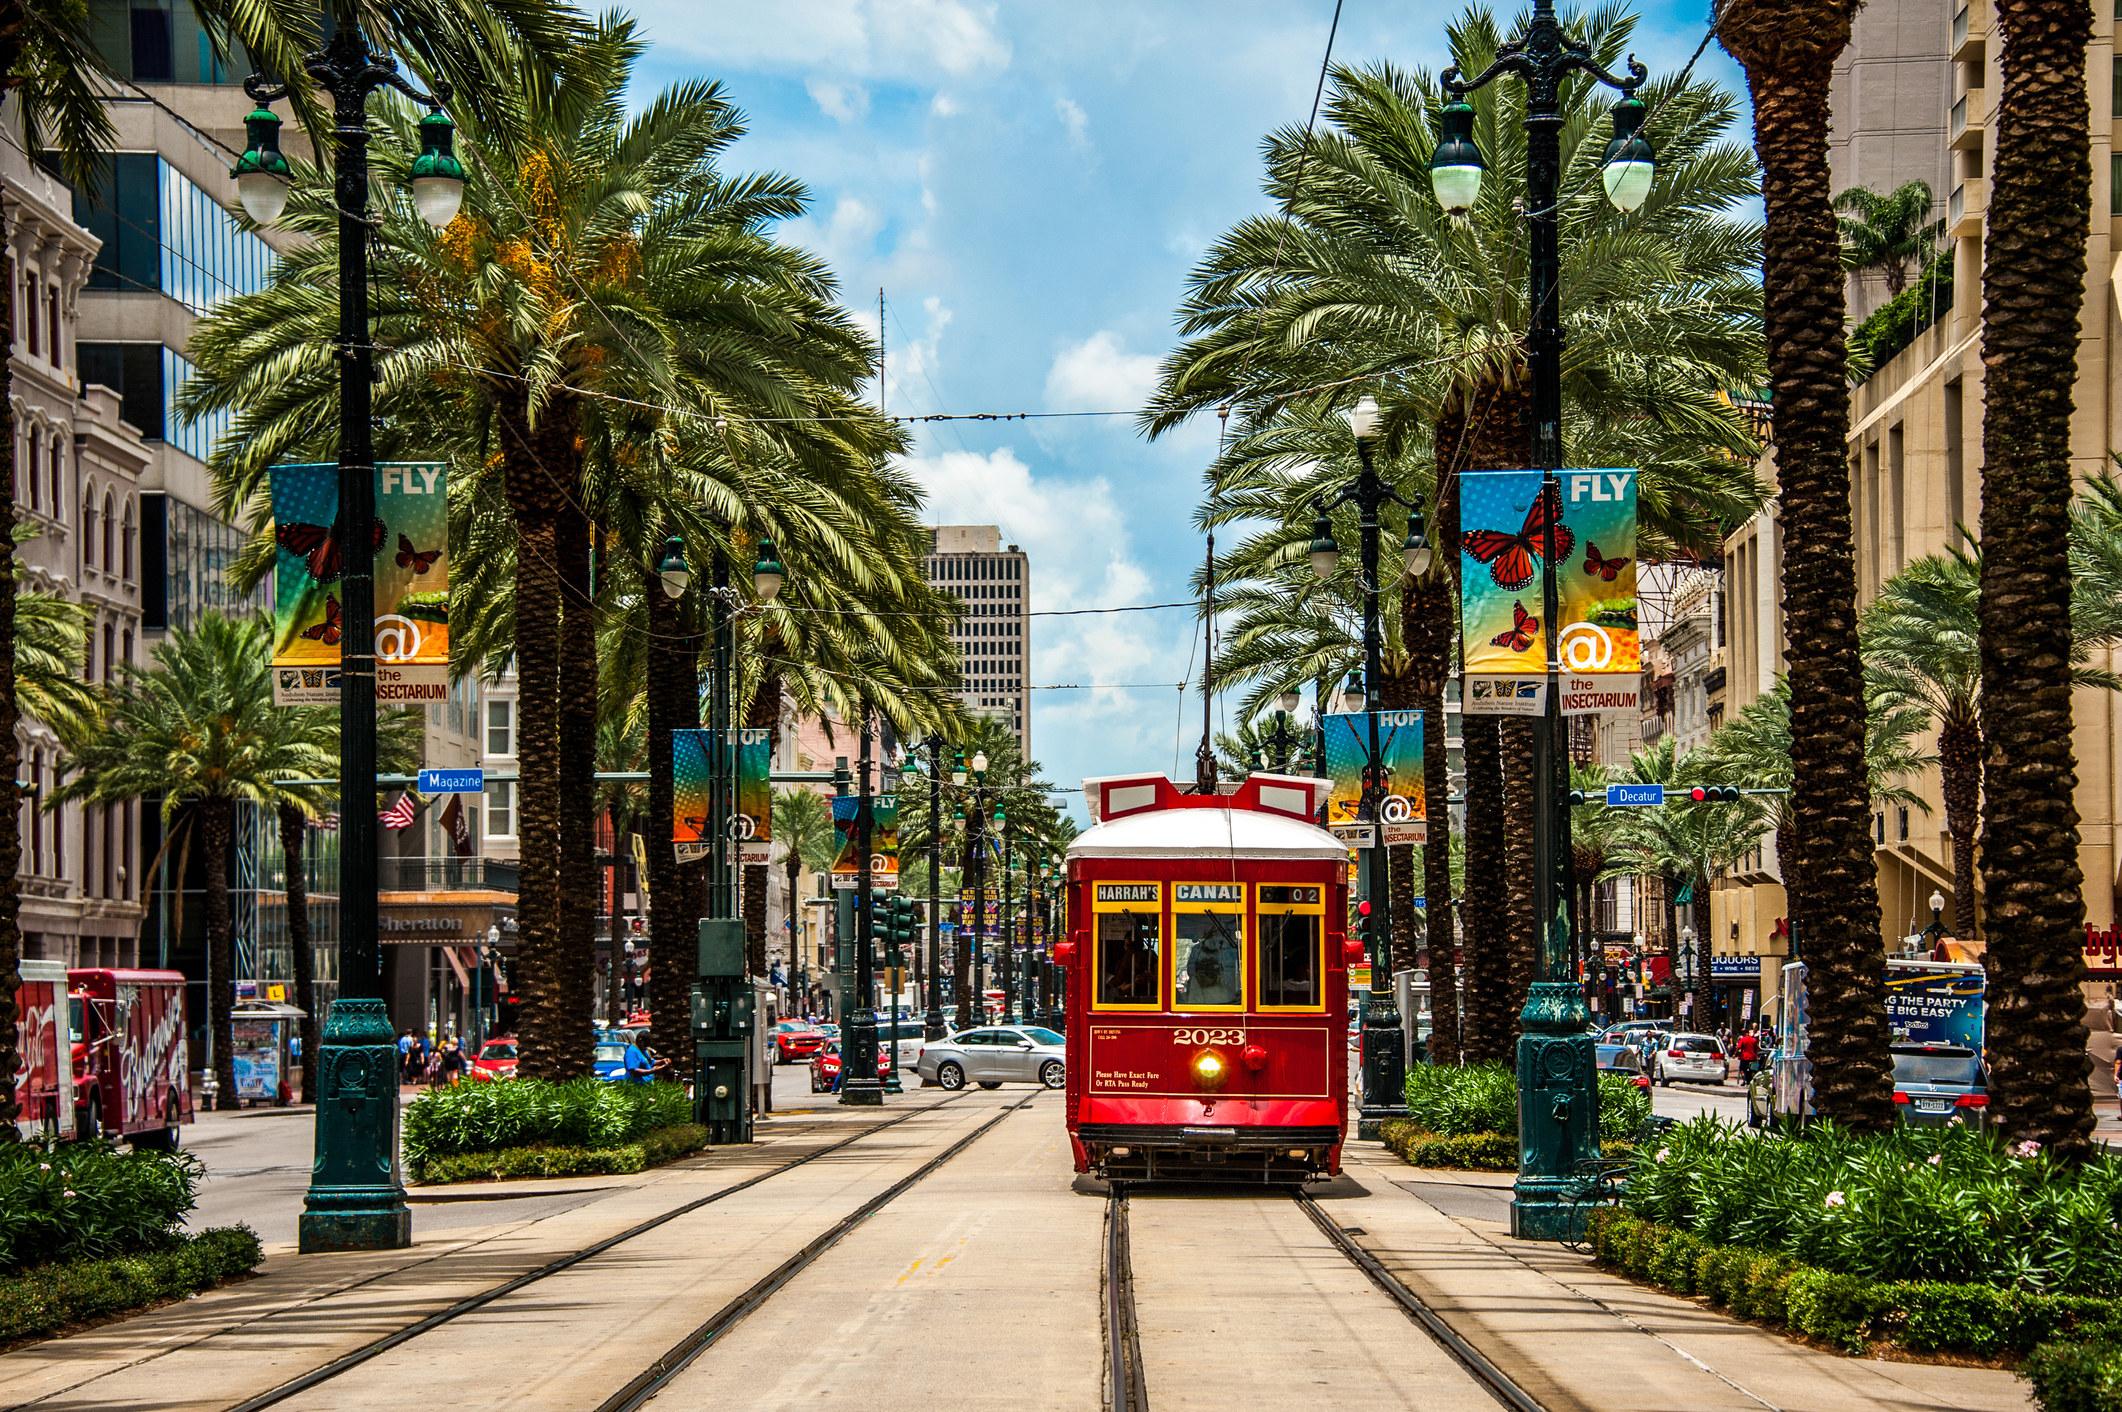 A streetcar runs down a busy street in New Orleans